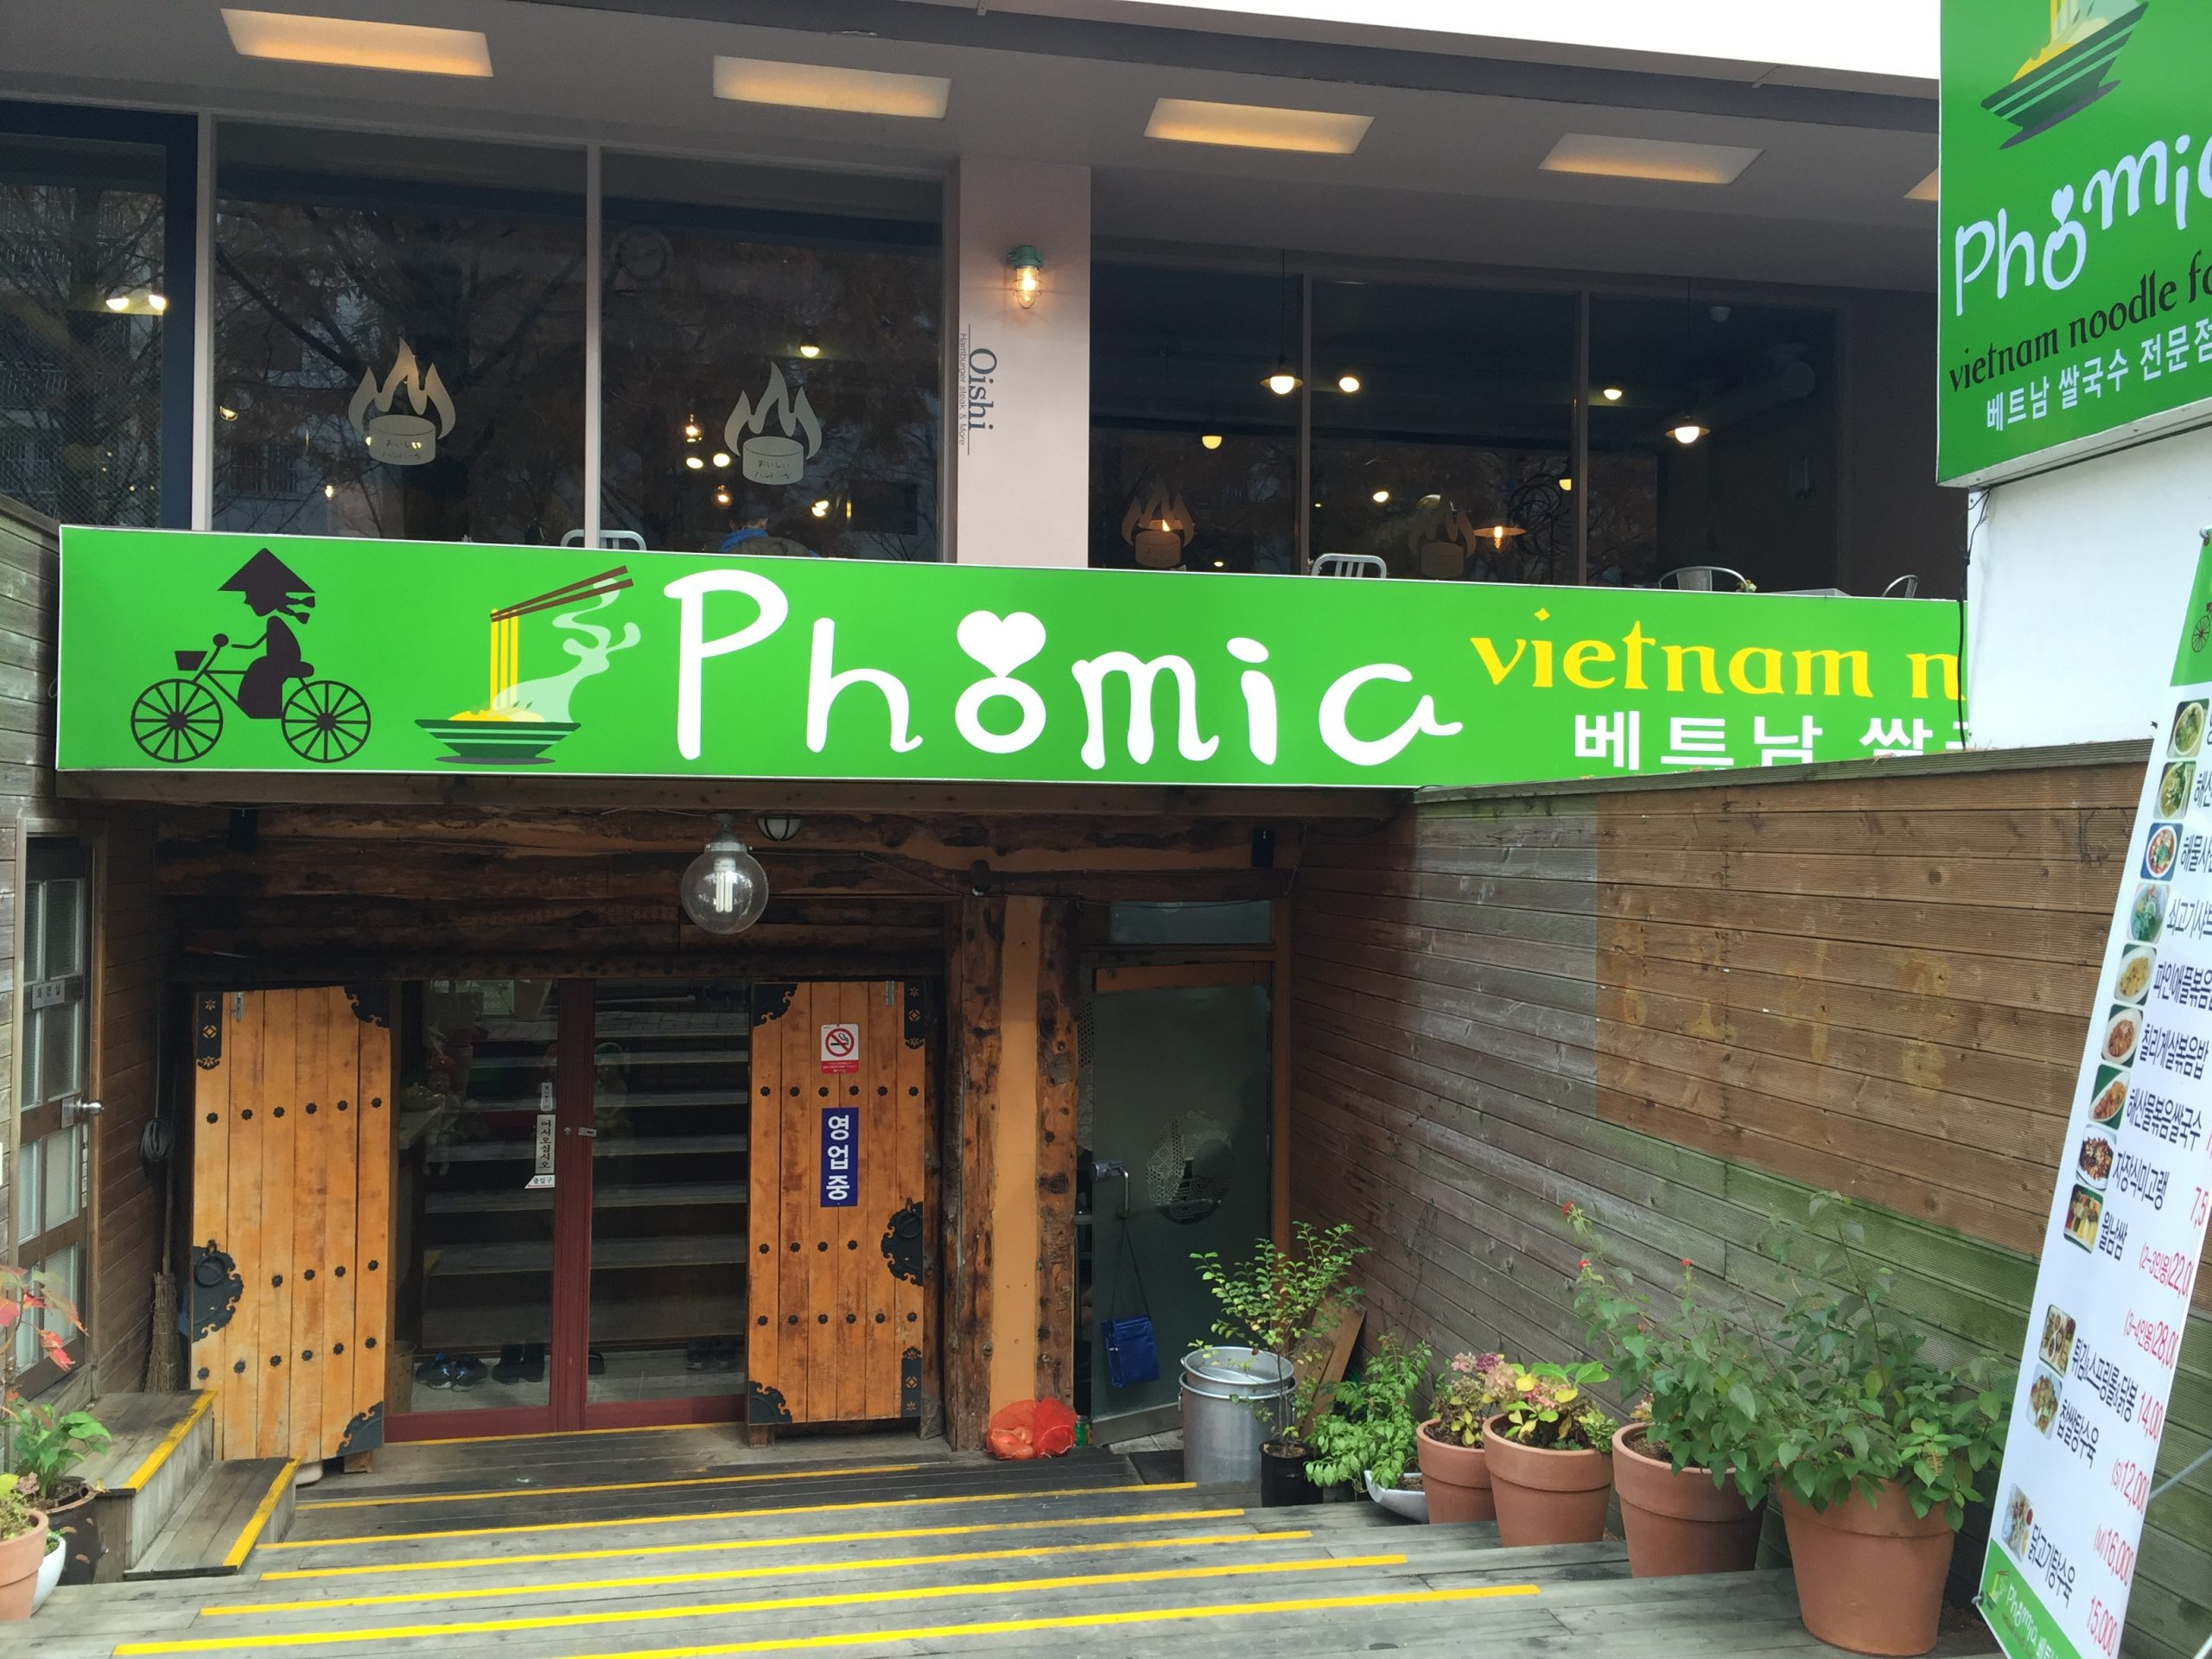 Phomia